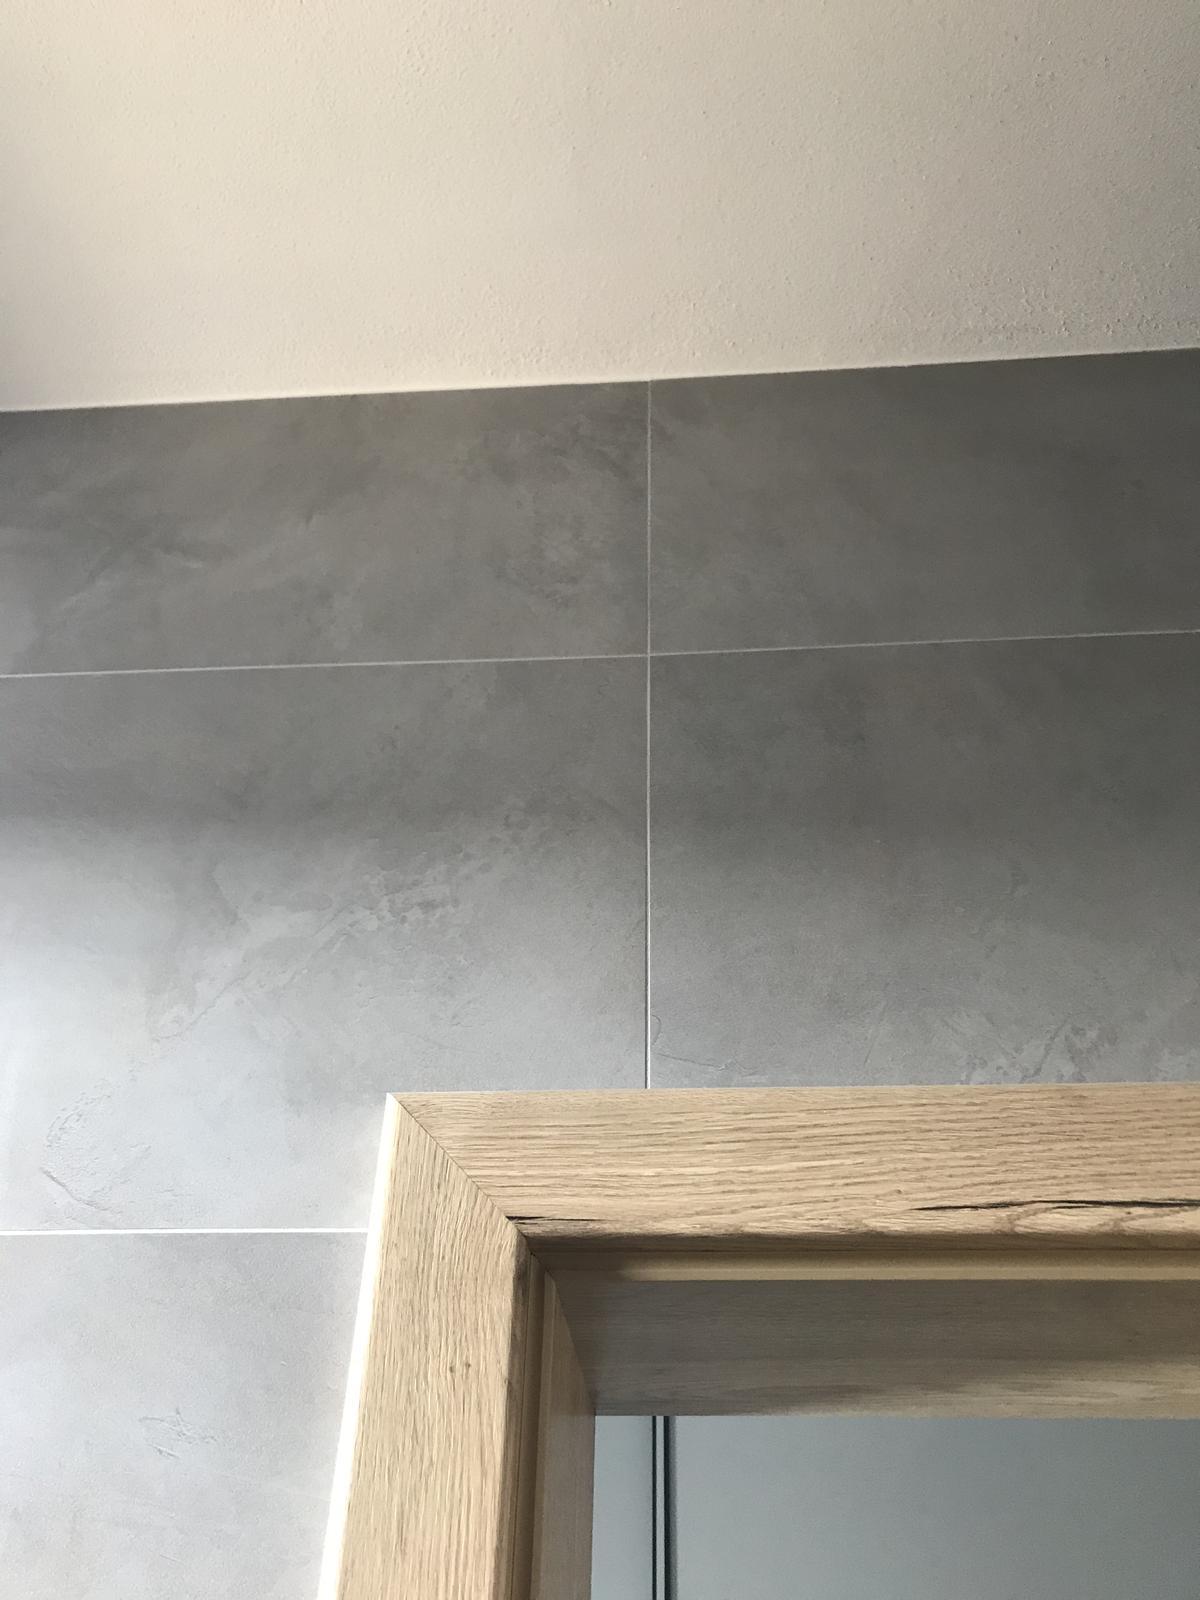 Sivy obklad - Obrázok č. 4